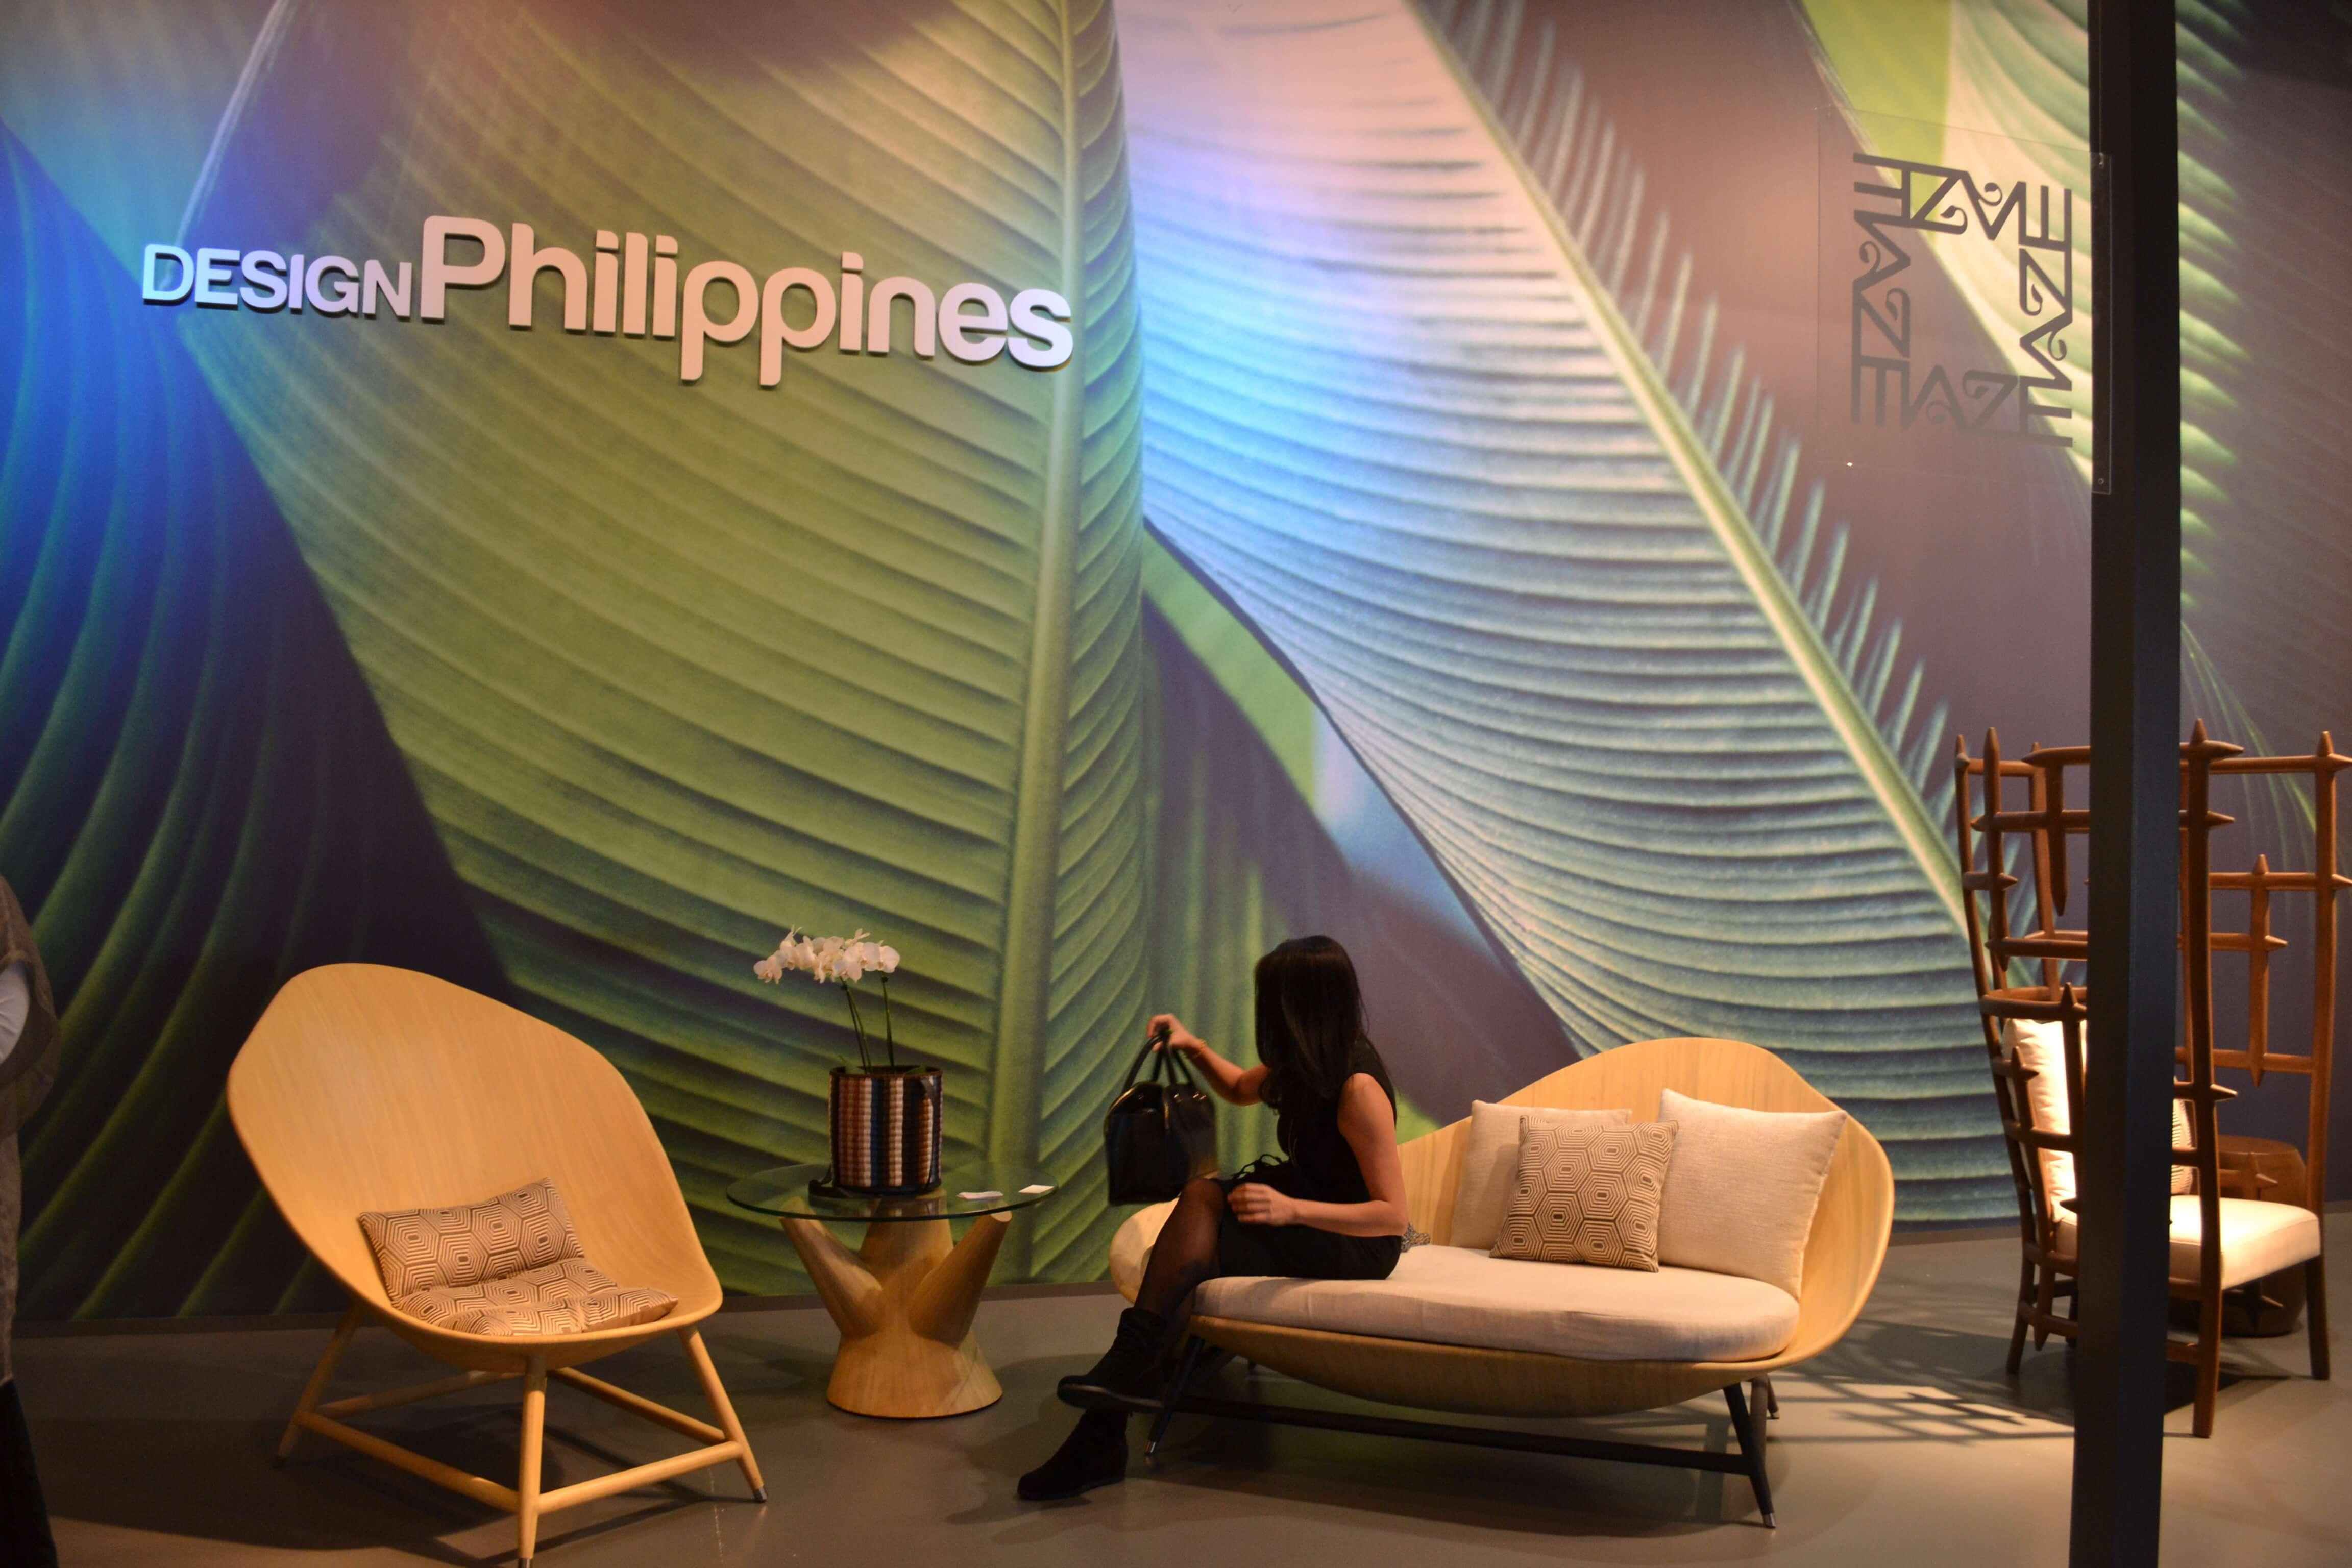 Le filippine al salone del mobile 2016 chizzocute for Fiera del mobile rho 2016